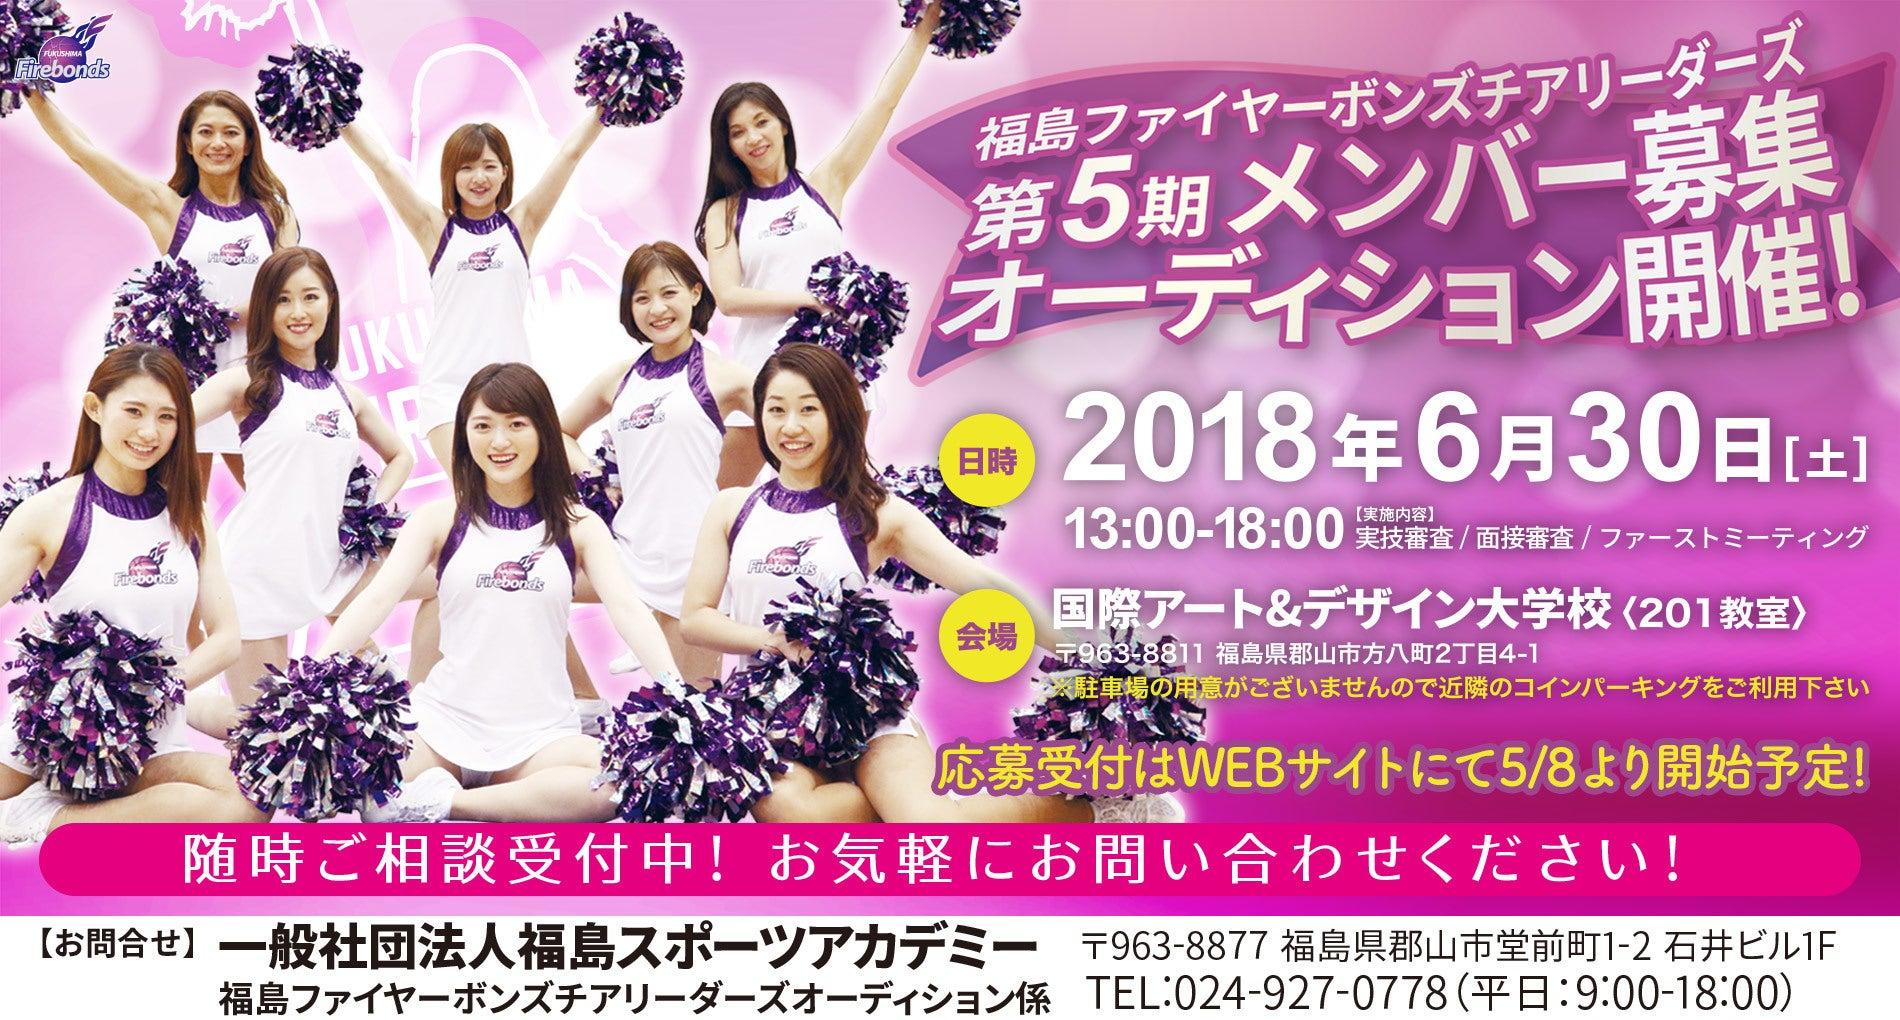 第5期 福島ファイヤーボンズチアリーダーズオーディション メンバー募集